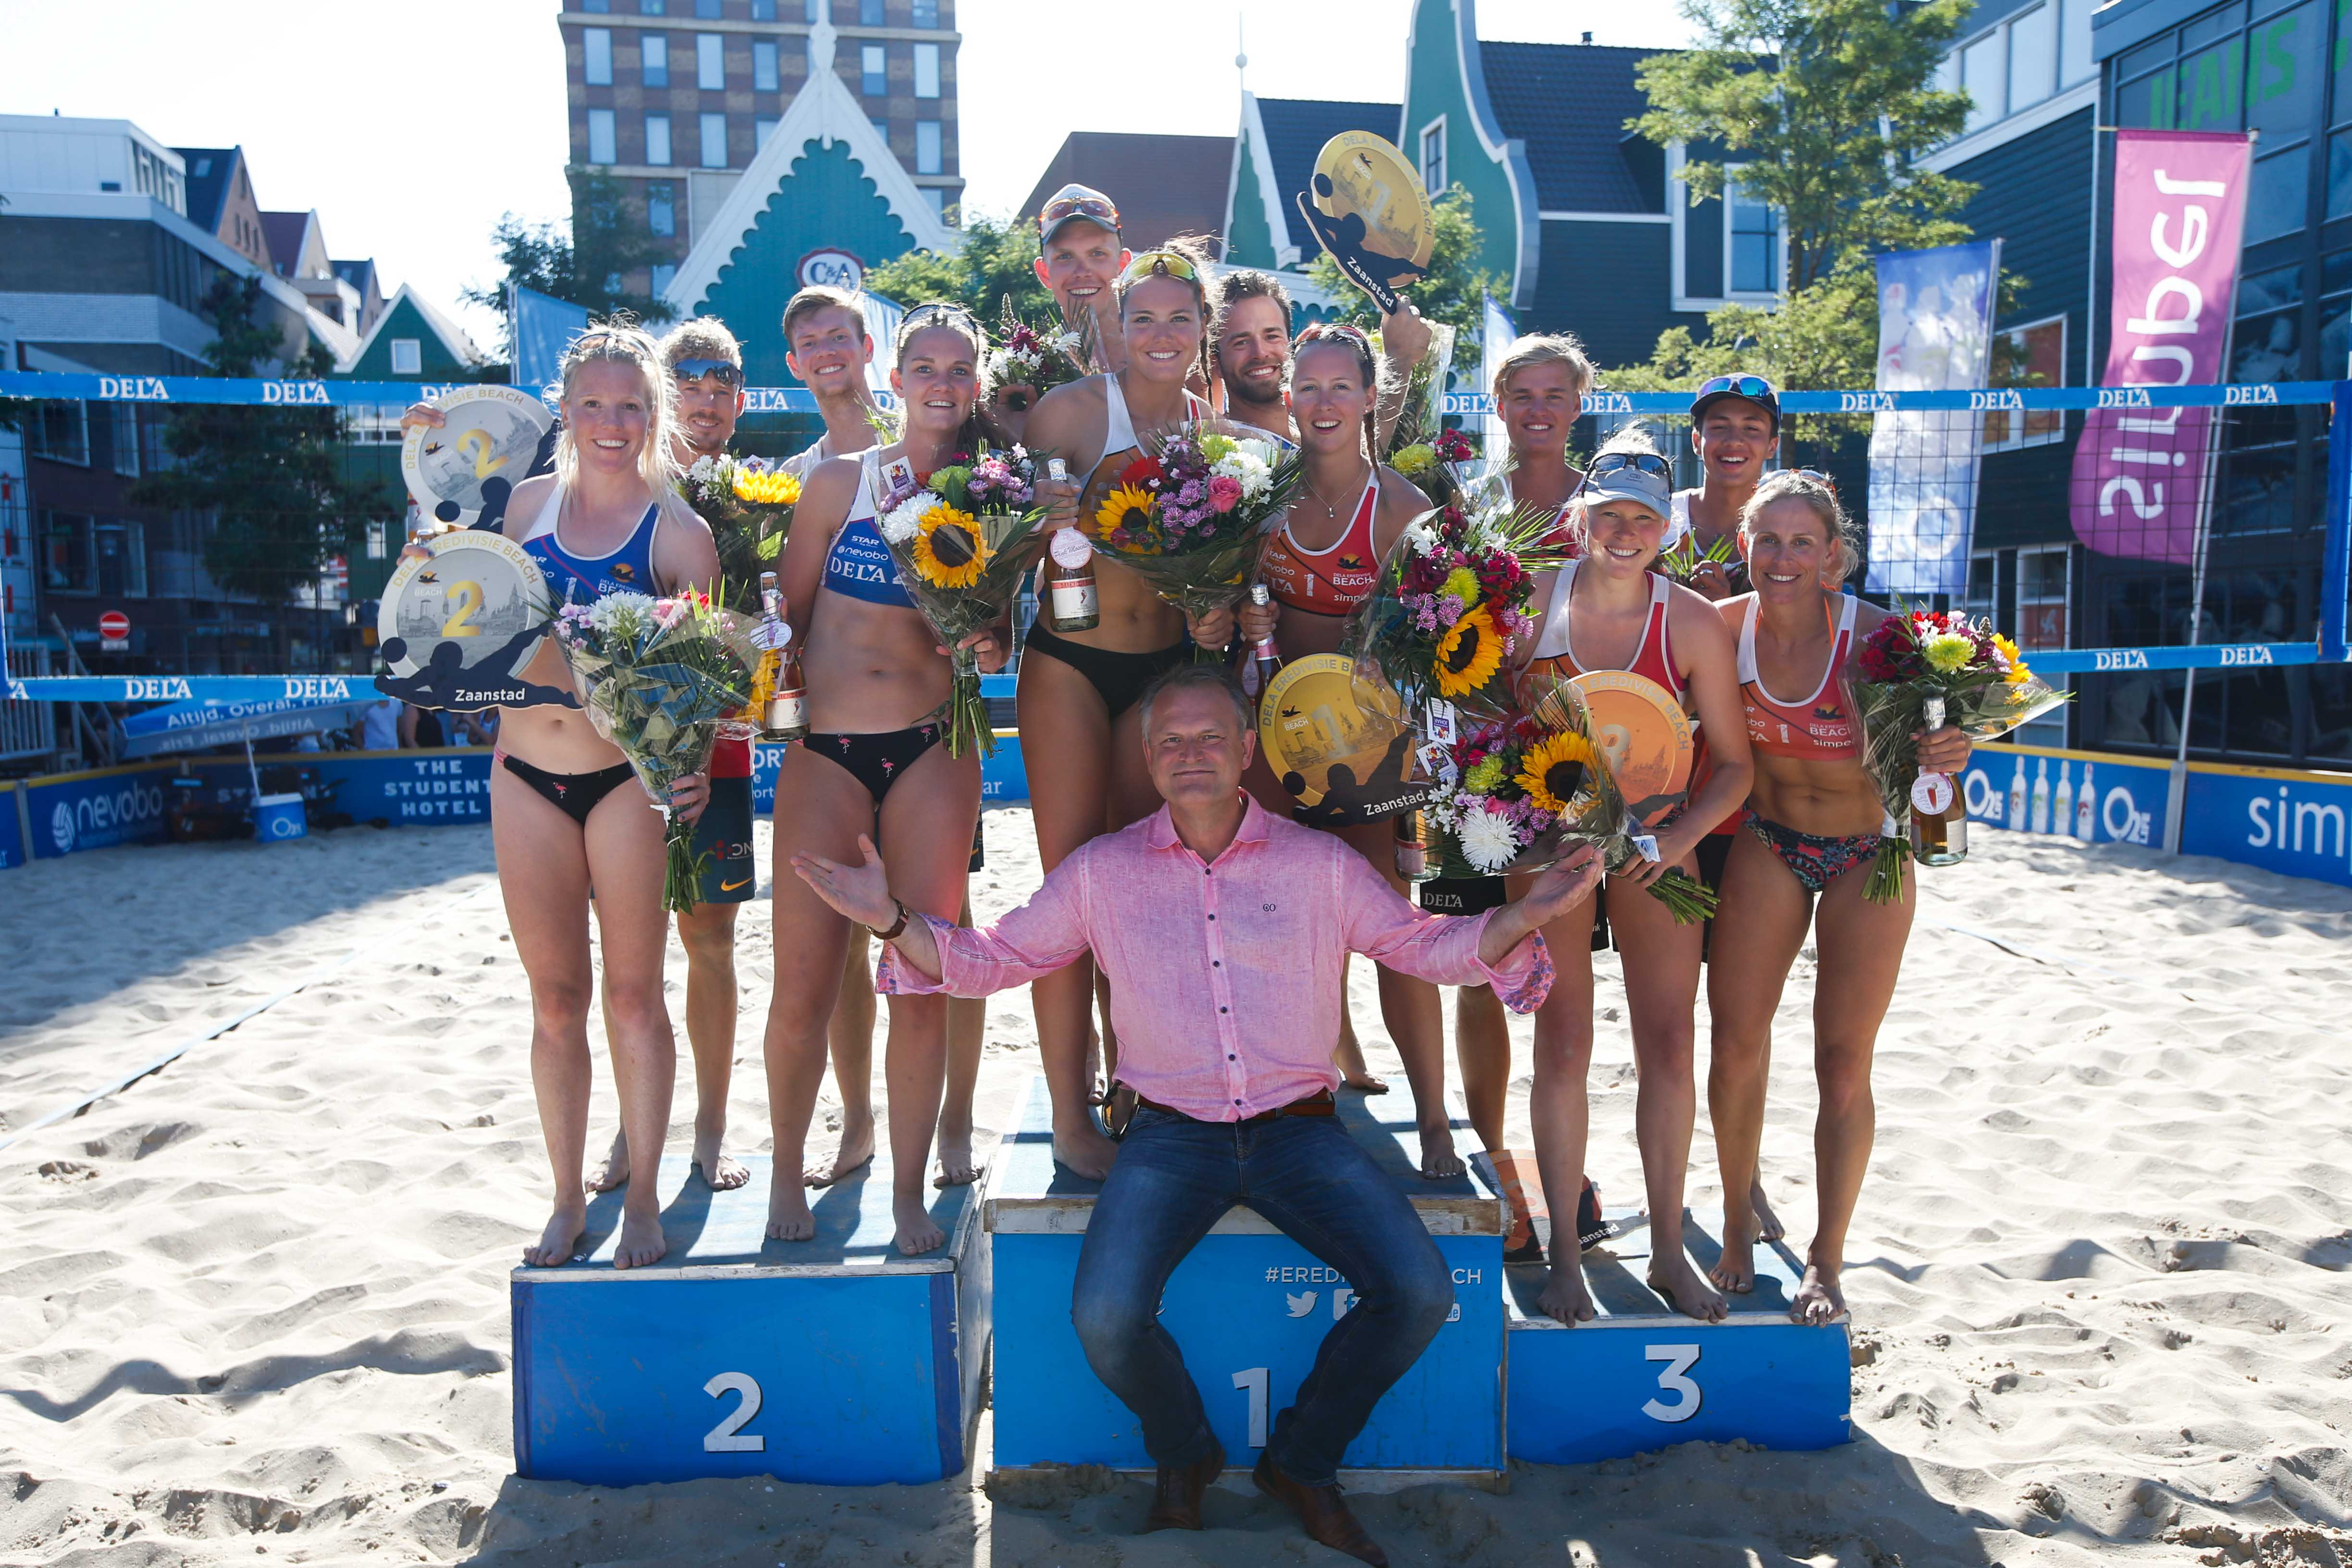 Podiumplaatsen voor de dames van de DELA Eredivisie Beach tour met wethouder Gerard Slegers. (Foto: Sportworx)